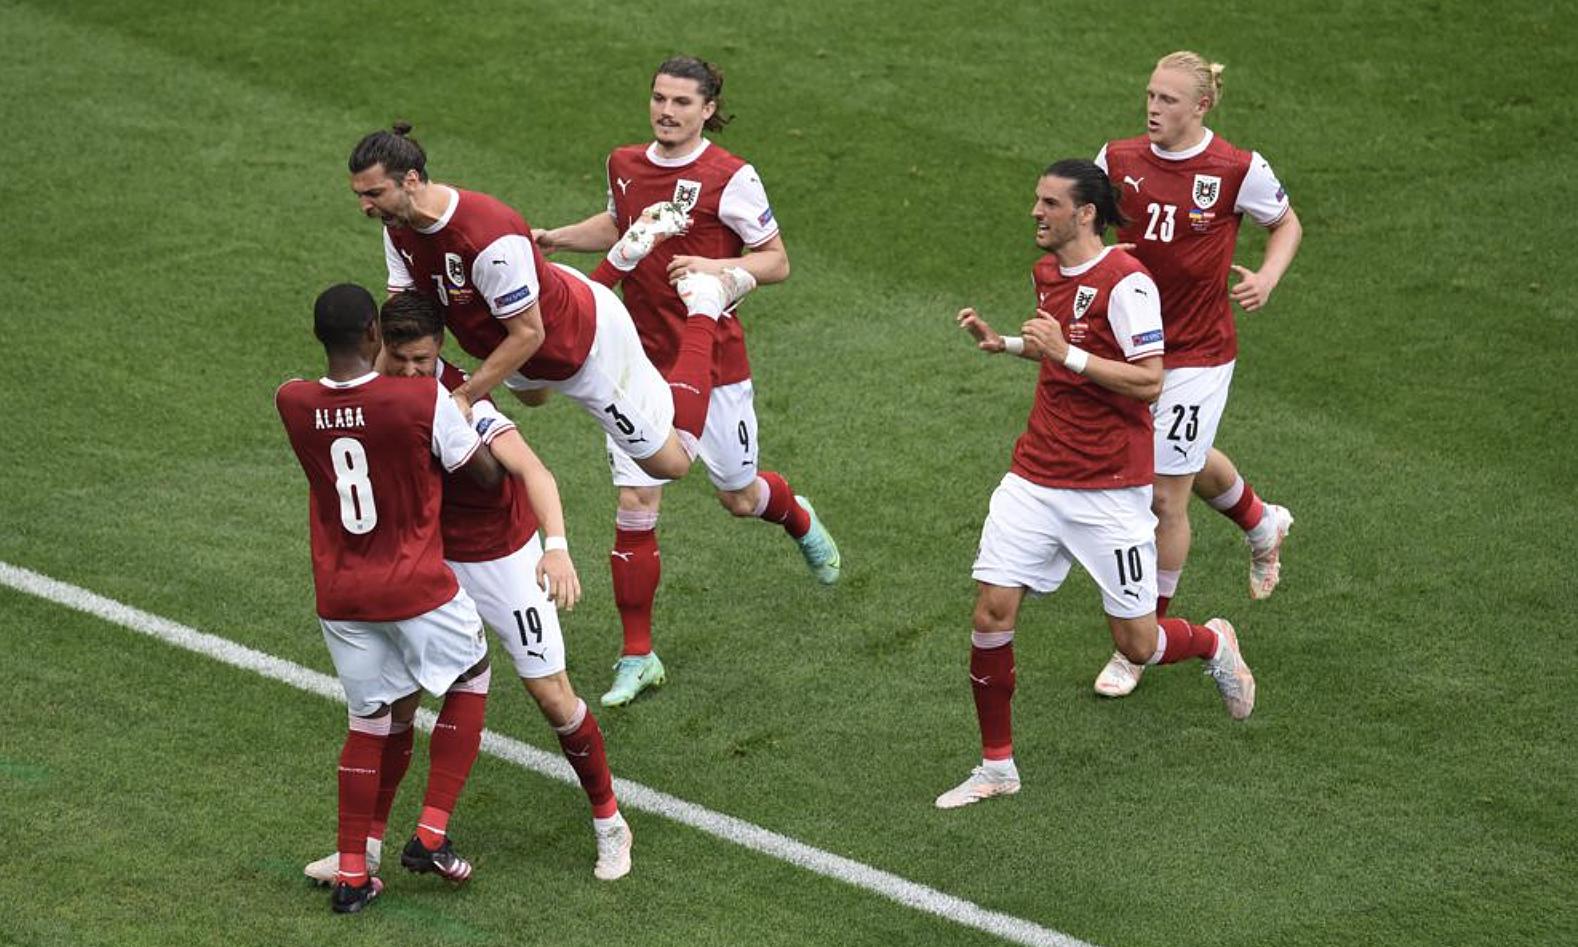 Nếu duy trì phong độ này, Áo có thể thành đối thủ khó chịu với Italy ở vòng 16 đội. Ảnh: UEFA